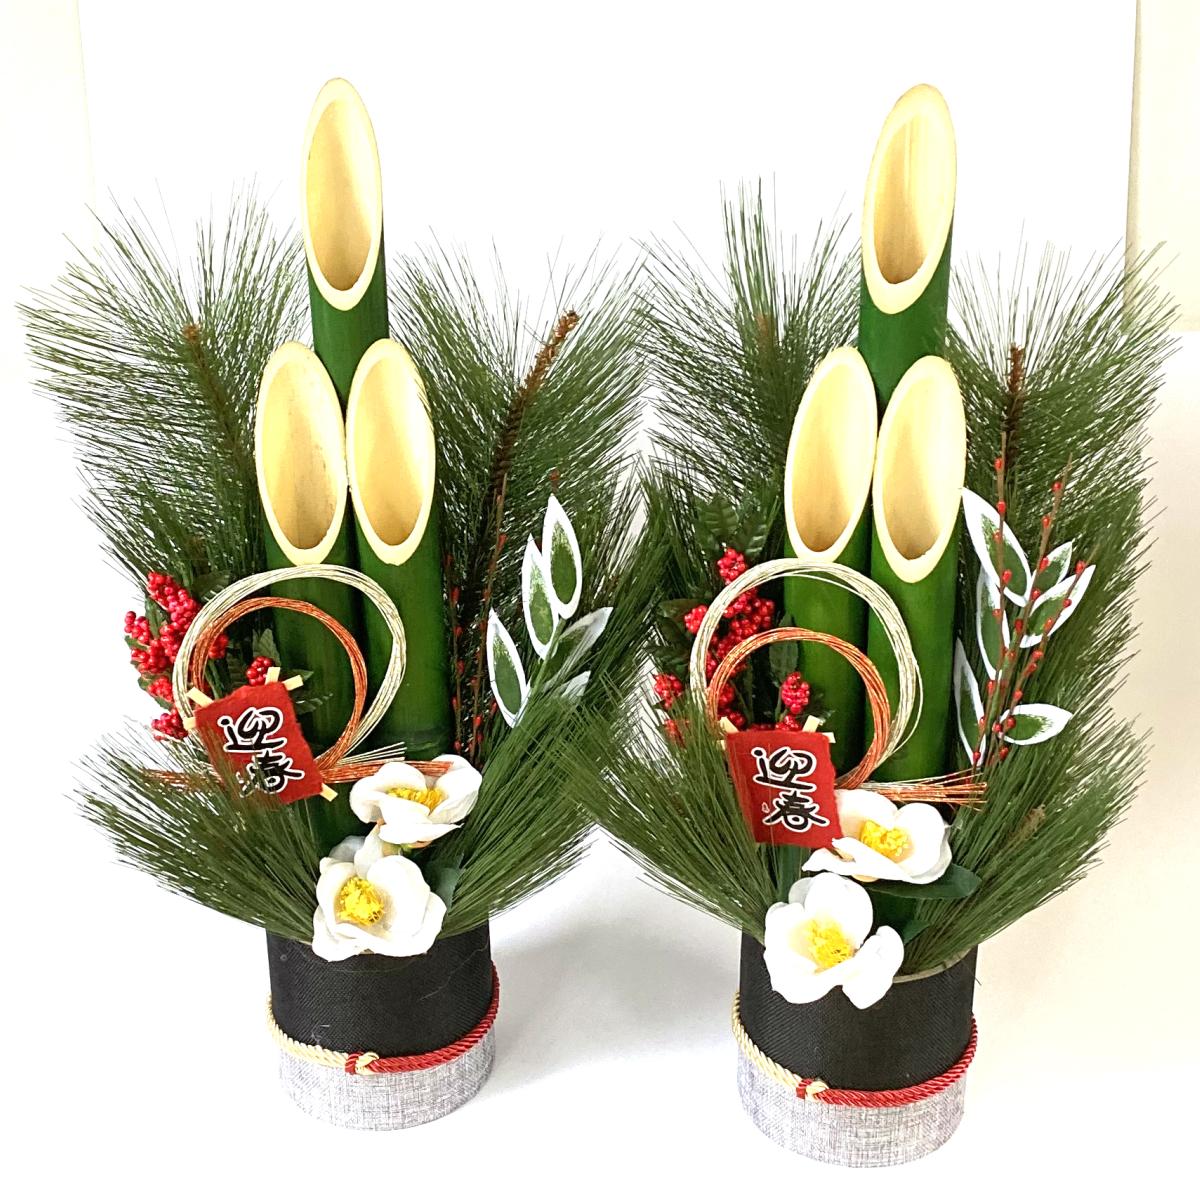 【送料無料】 門松 モダン 60cm 一対 2本組 扇 自宅用 会社 オフィス しめ飾り 玄関飾り 正月飾り